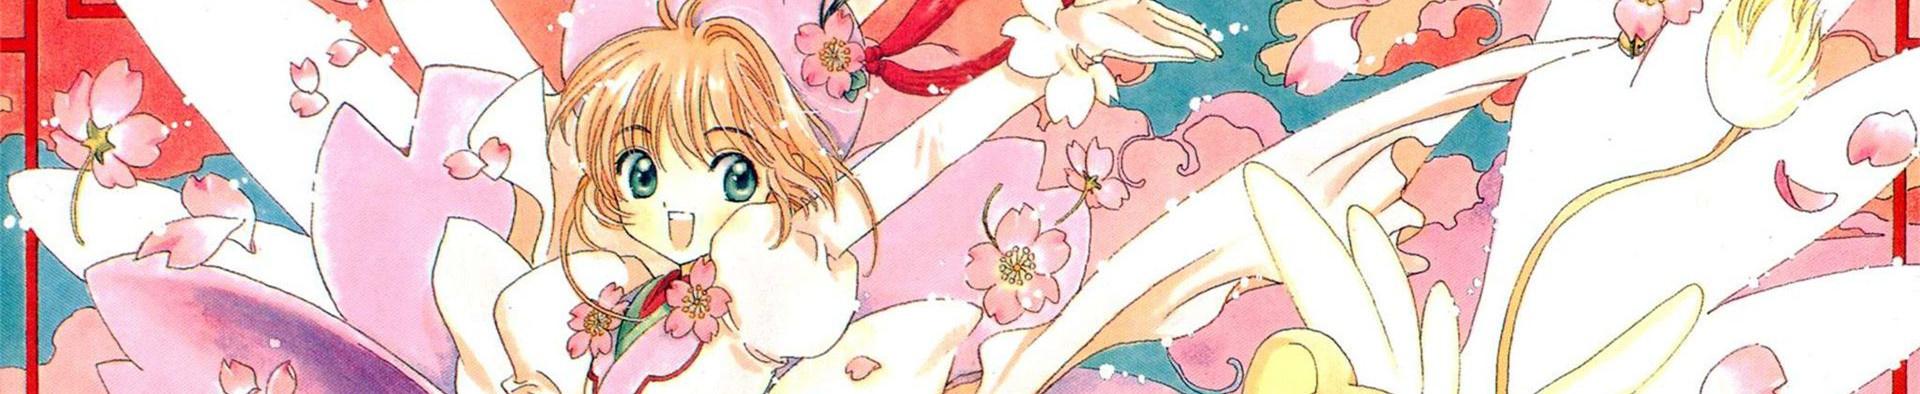 魔卡少女小樱将推出新漫画